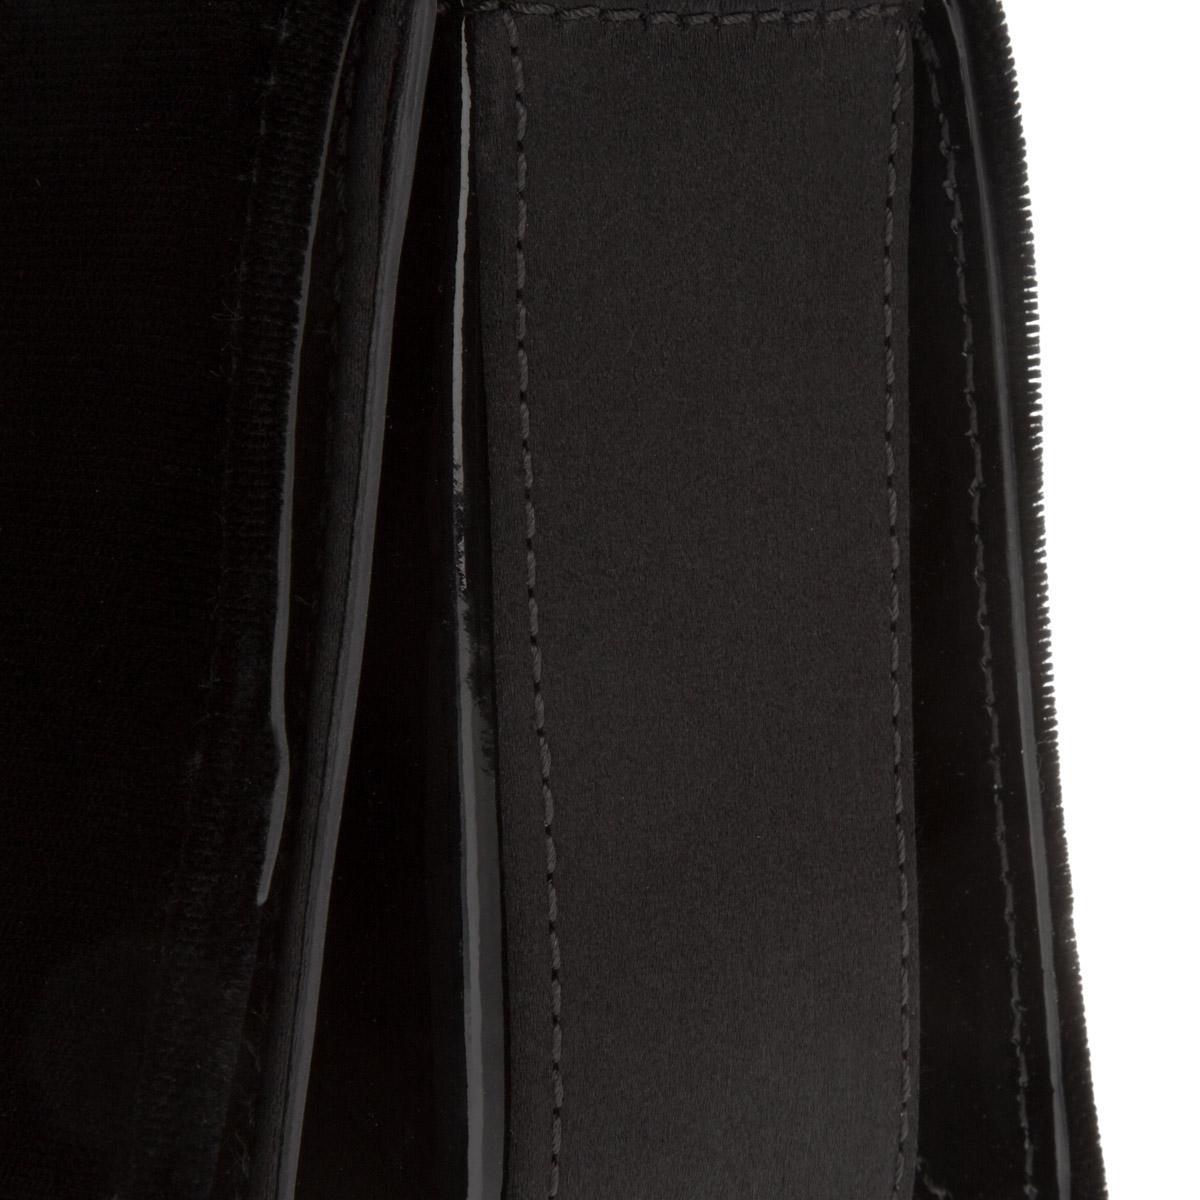 Emporio Armani Velvet Mini Sling Bag Crossbody Black in Black - Lyst 1b25ba3eda